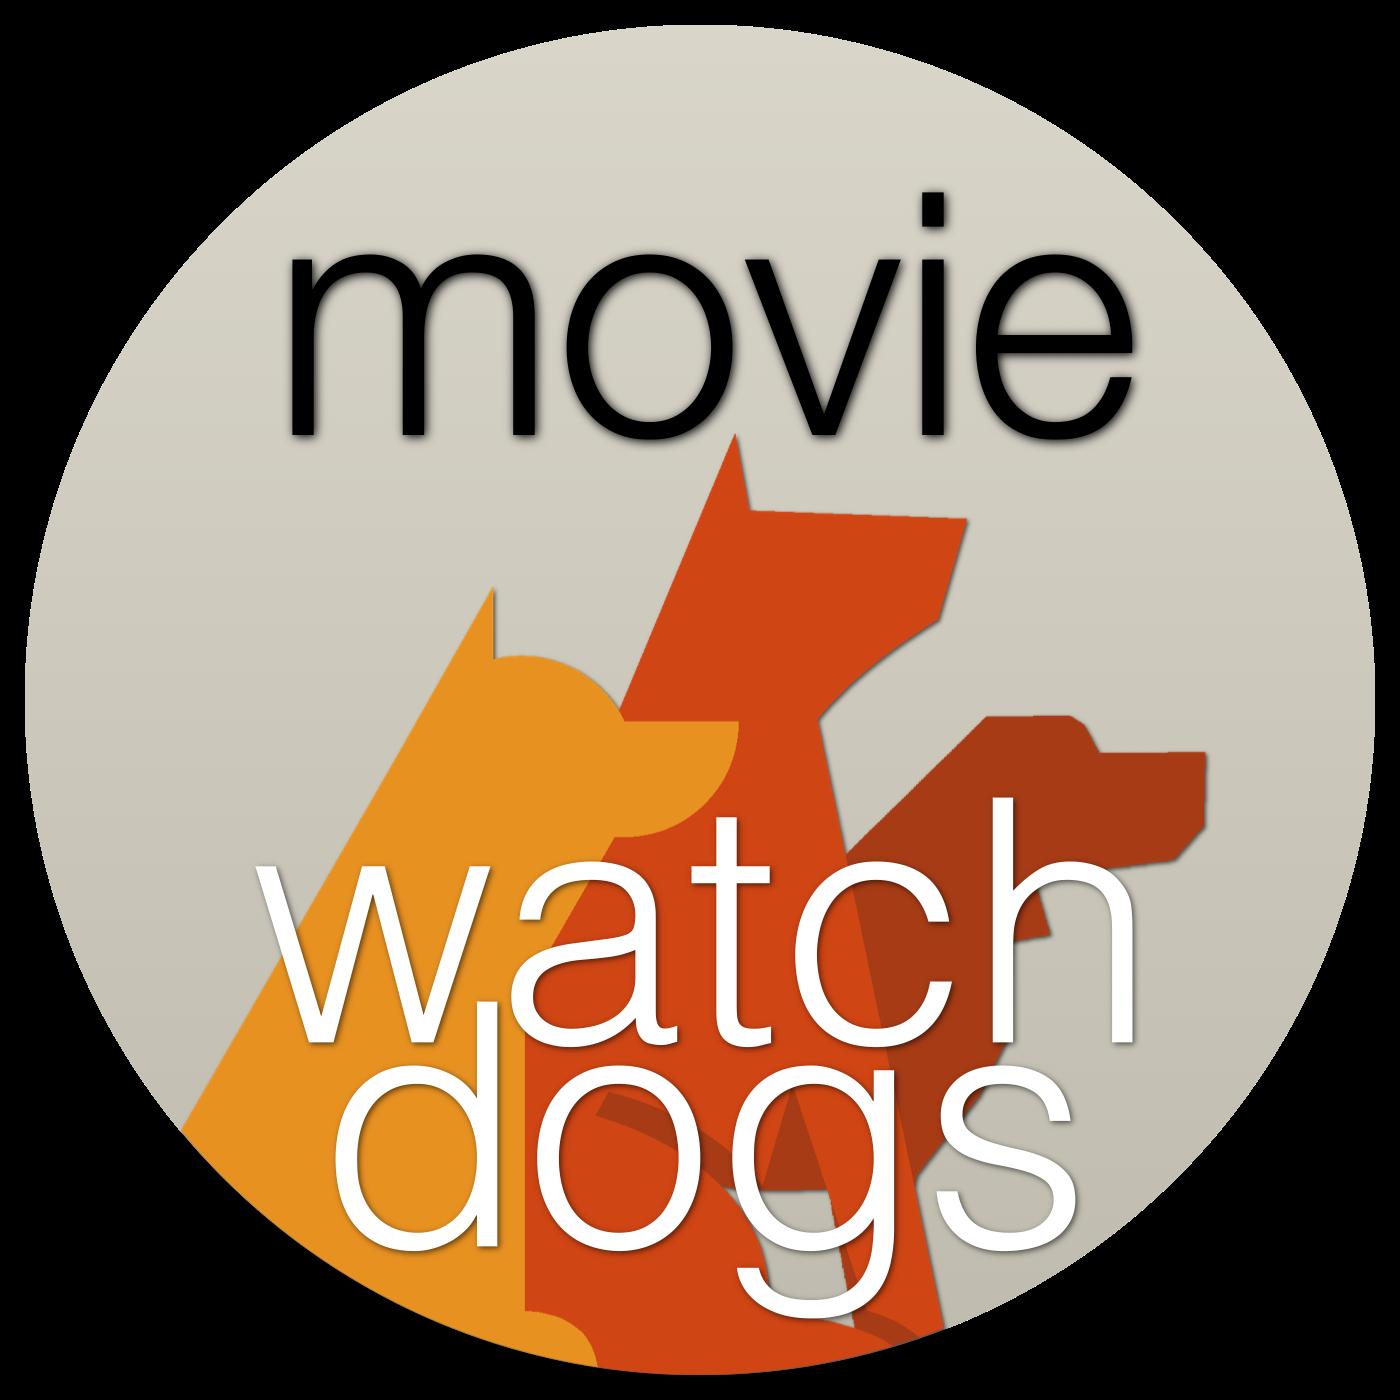 Movie Watchdogs (Video) - heinkedigital.com